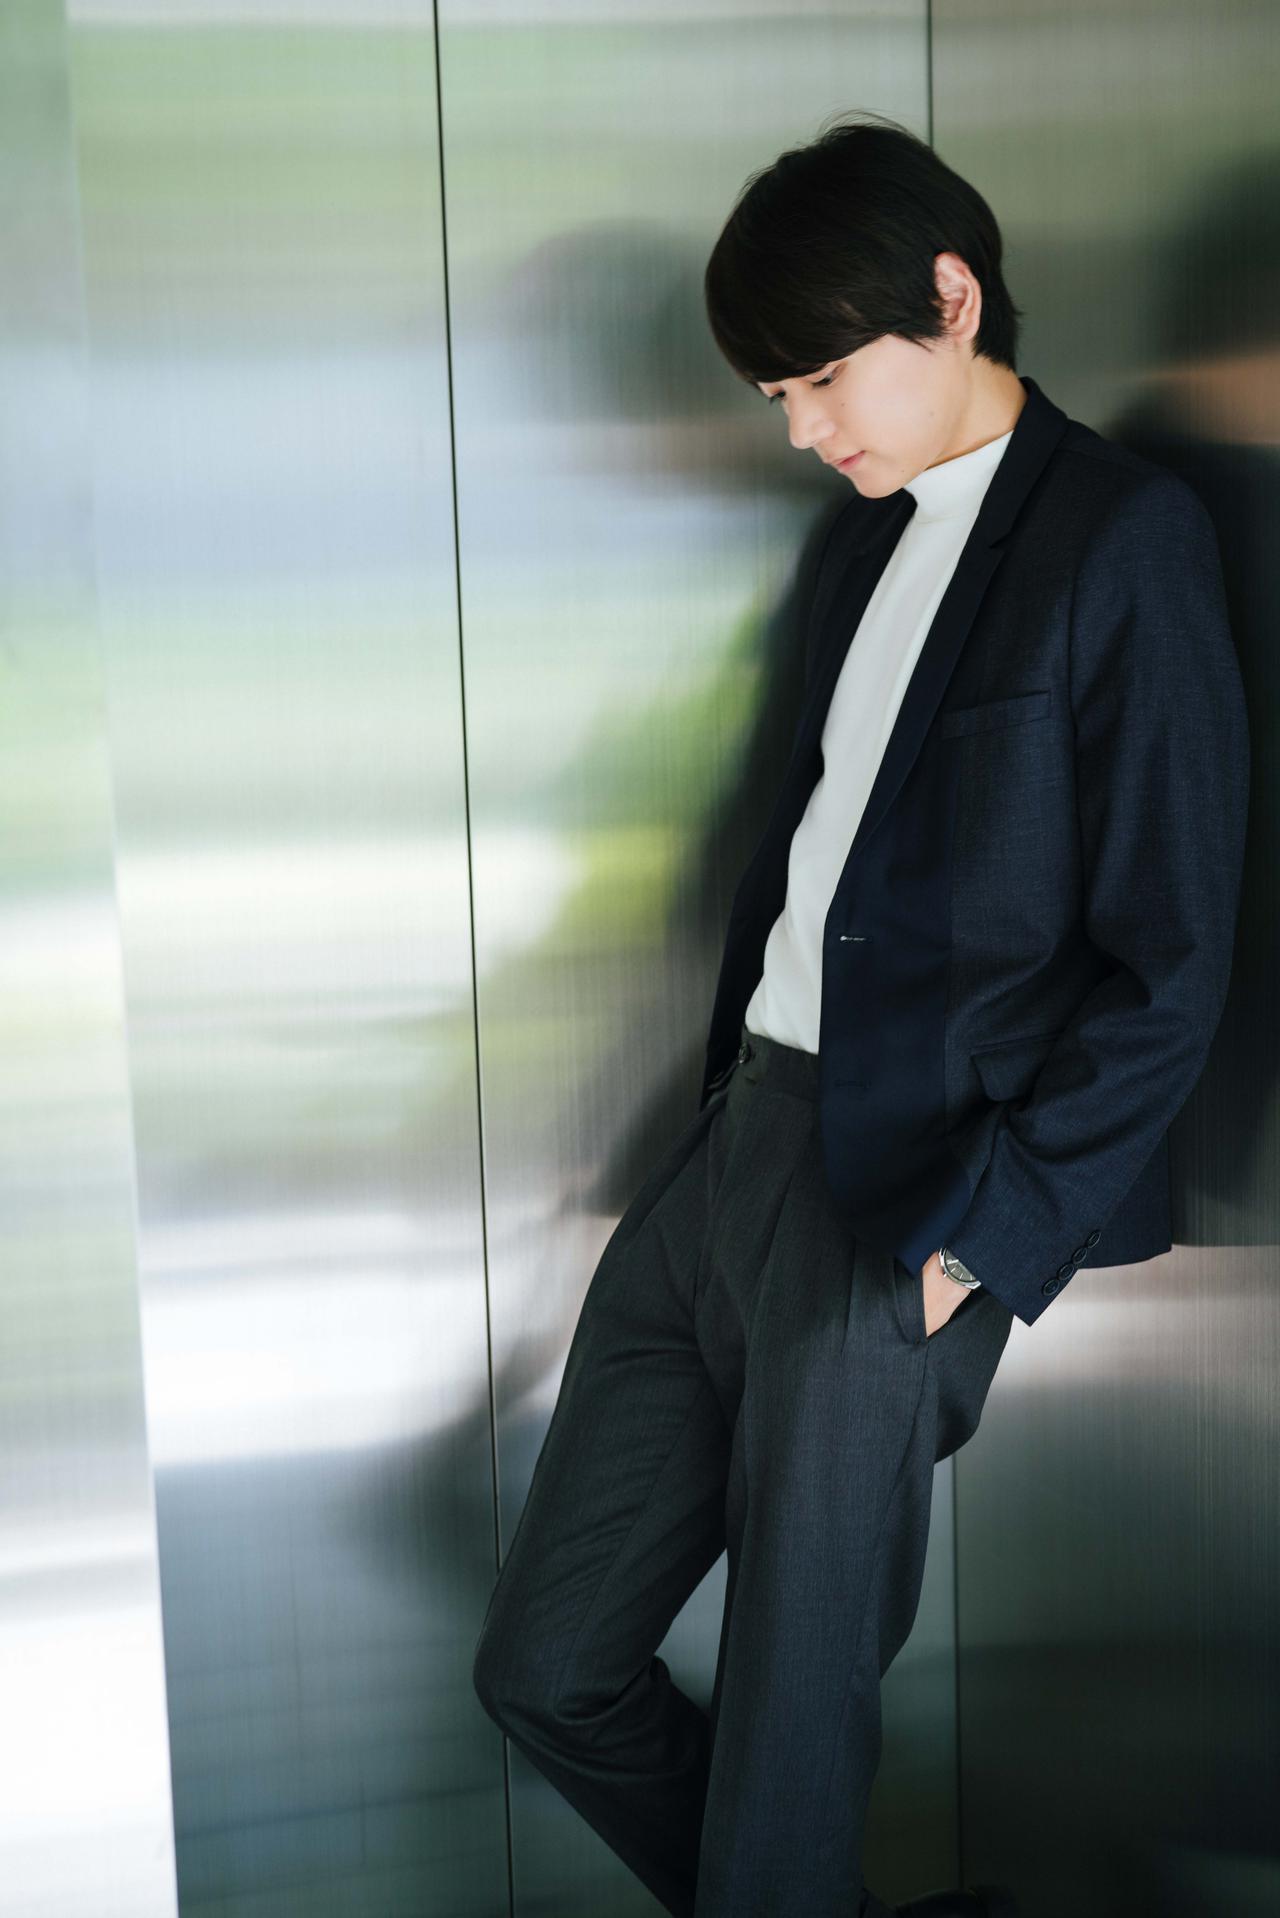 画像3: 《古川雄輝》真夜中ドラマ「ごほうびごはん」インタビュー「前向きな気持ちになれるような作品としてお届けしたいです」